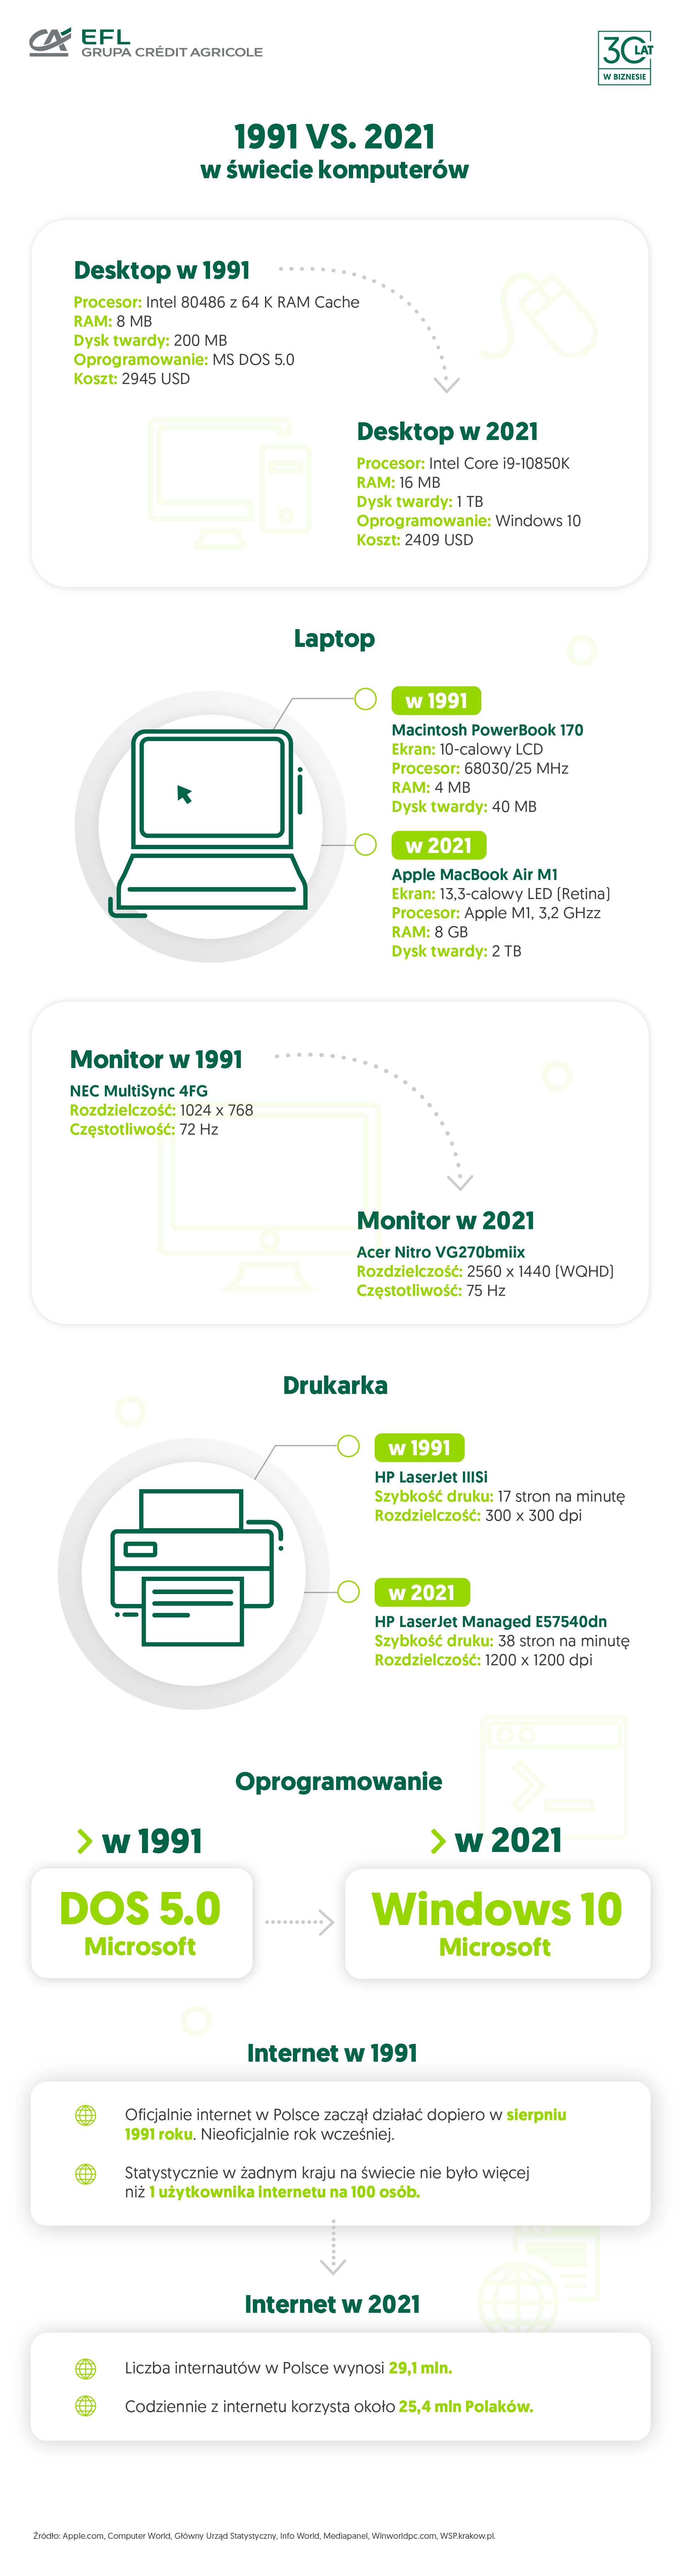 jak się zmieniał sprzęt komputerowy - infografika